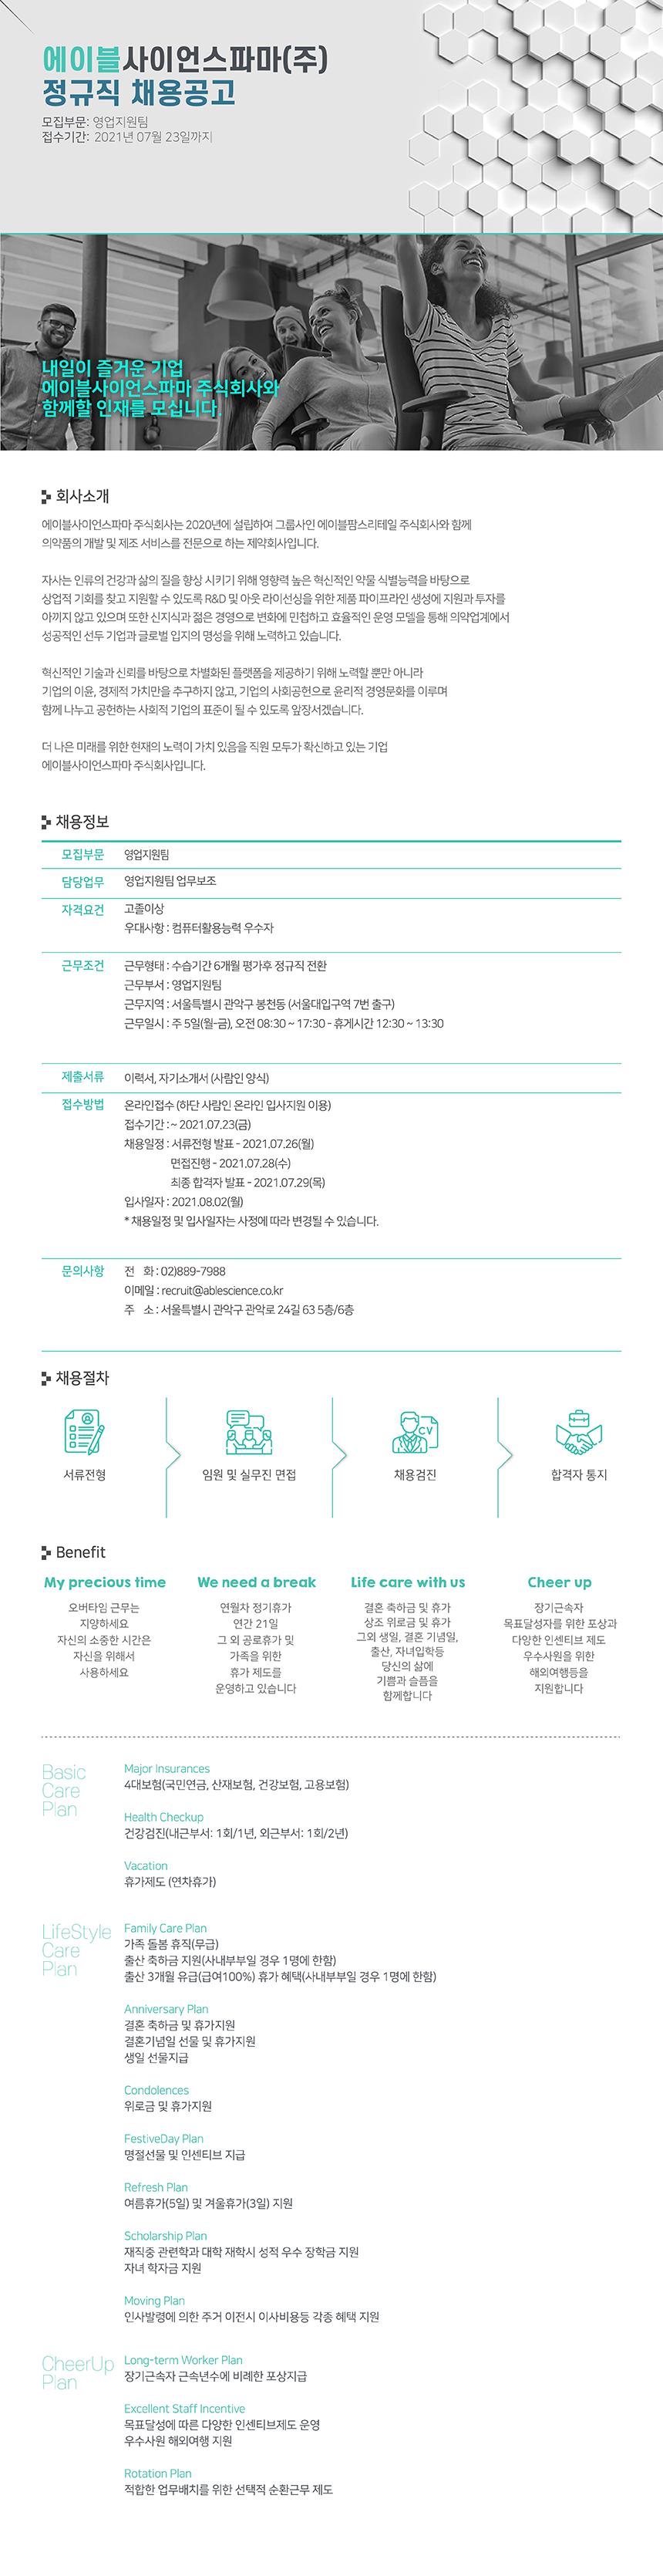 [정규직] 영업지원팀 신입 및 경력사원 채용